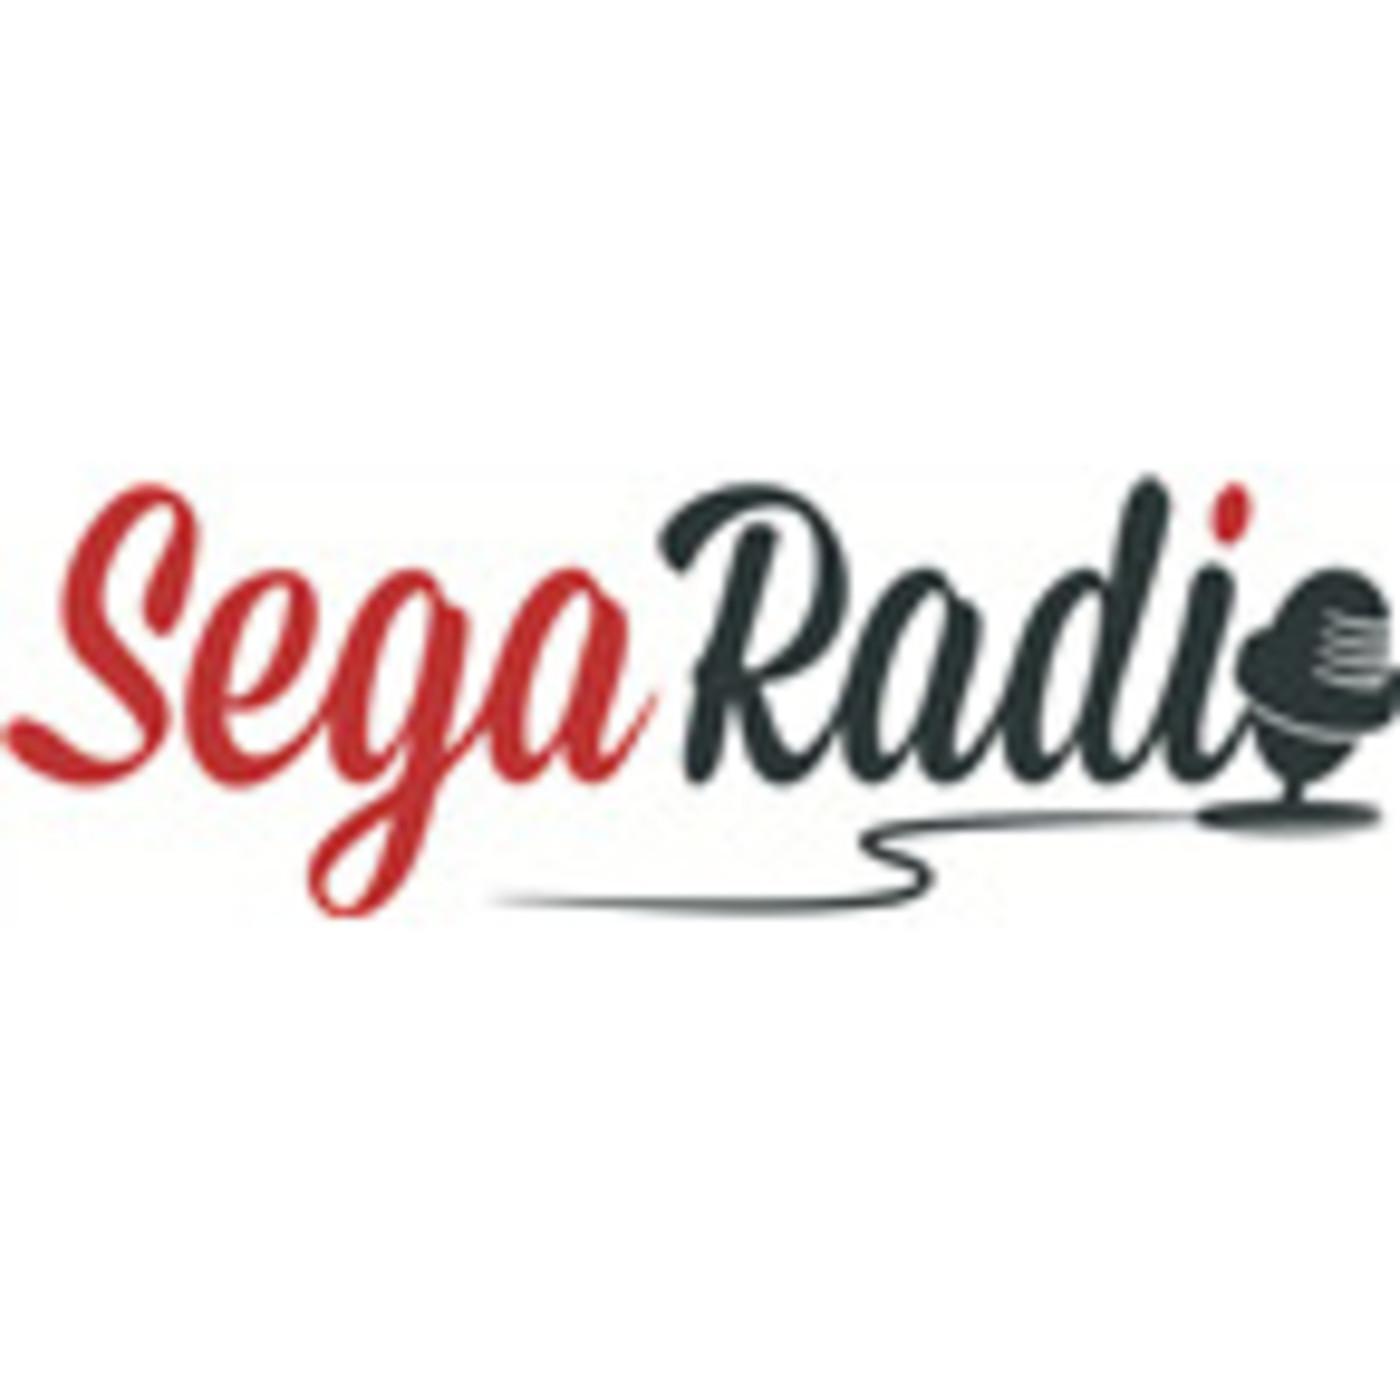 Sega Radio